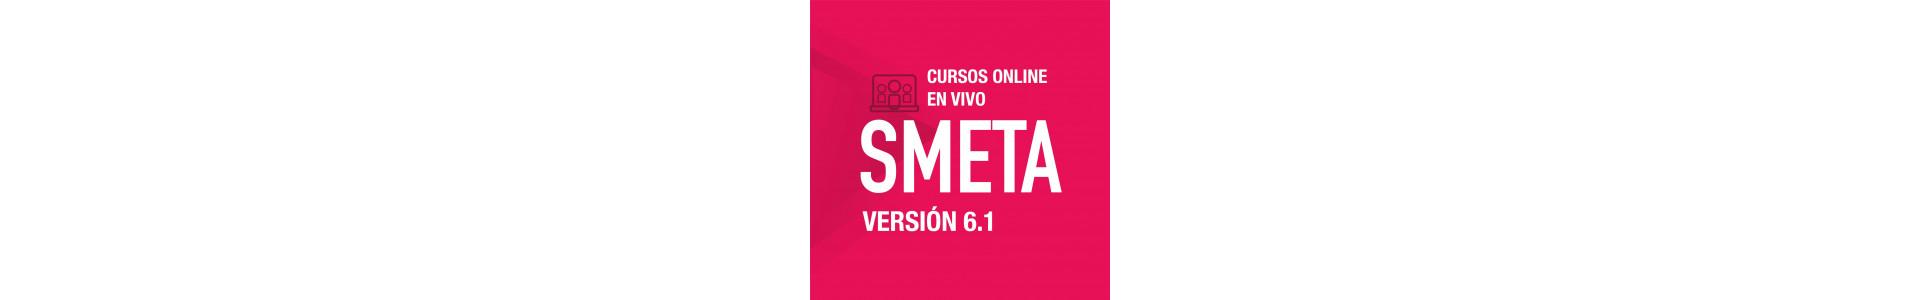 Cursos online | SMETA